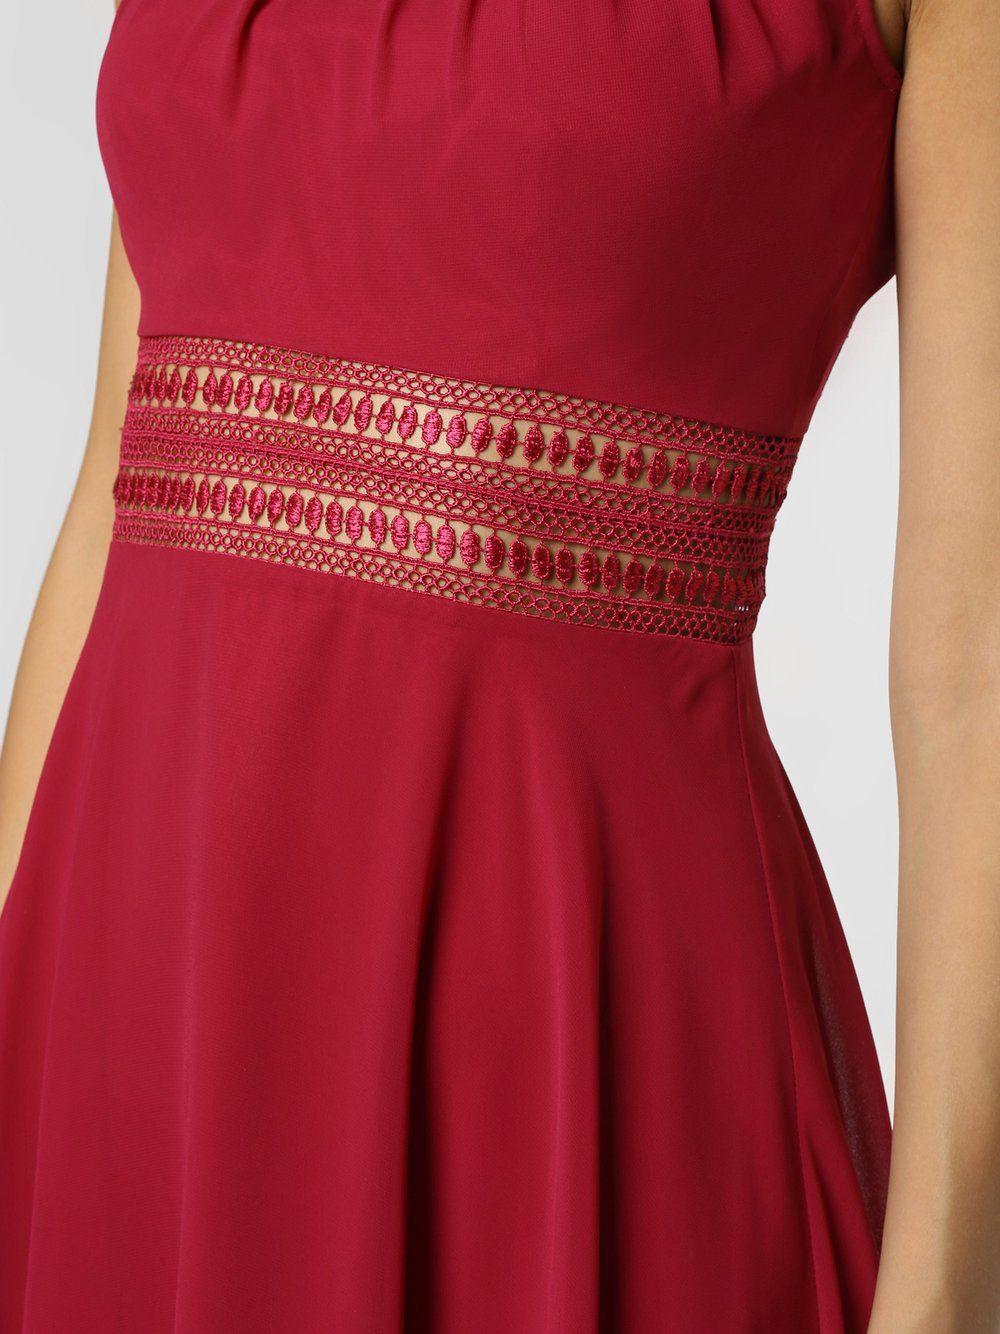 VM Kleid rot  Kleider, Kurze kleider und Damen